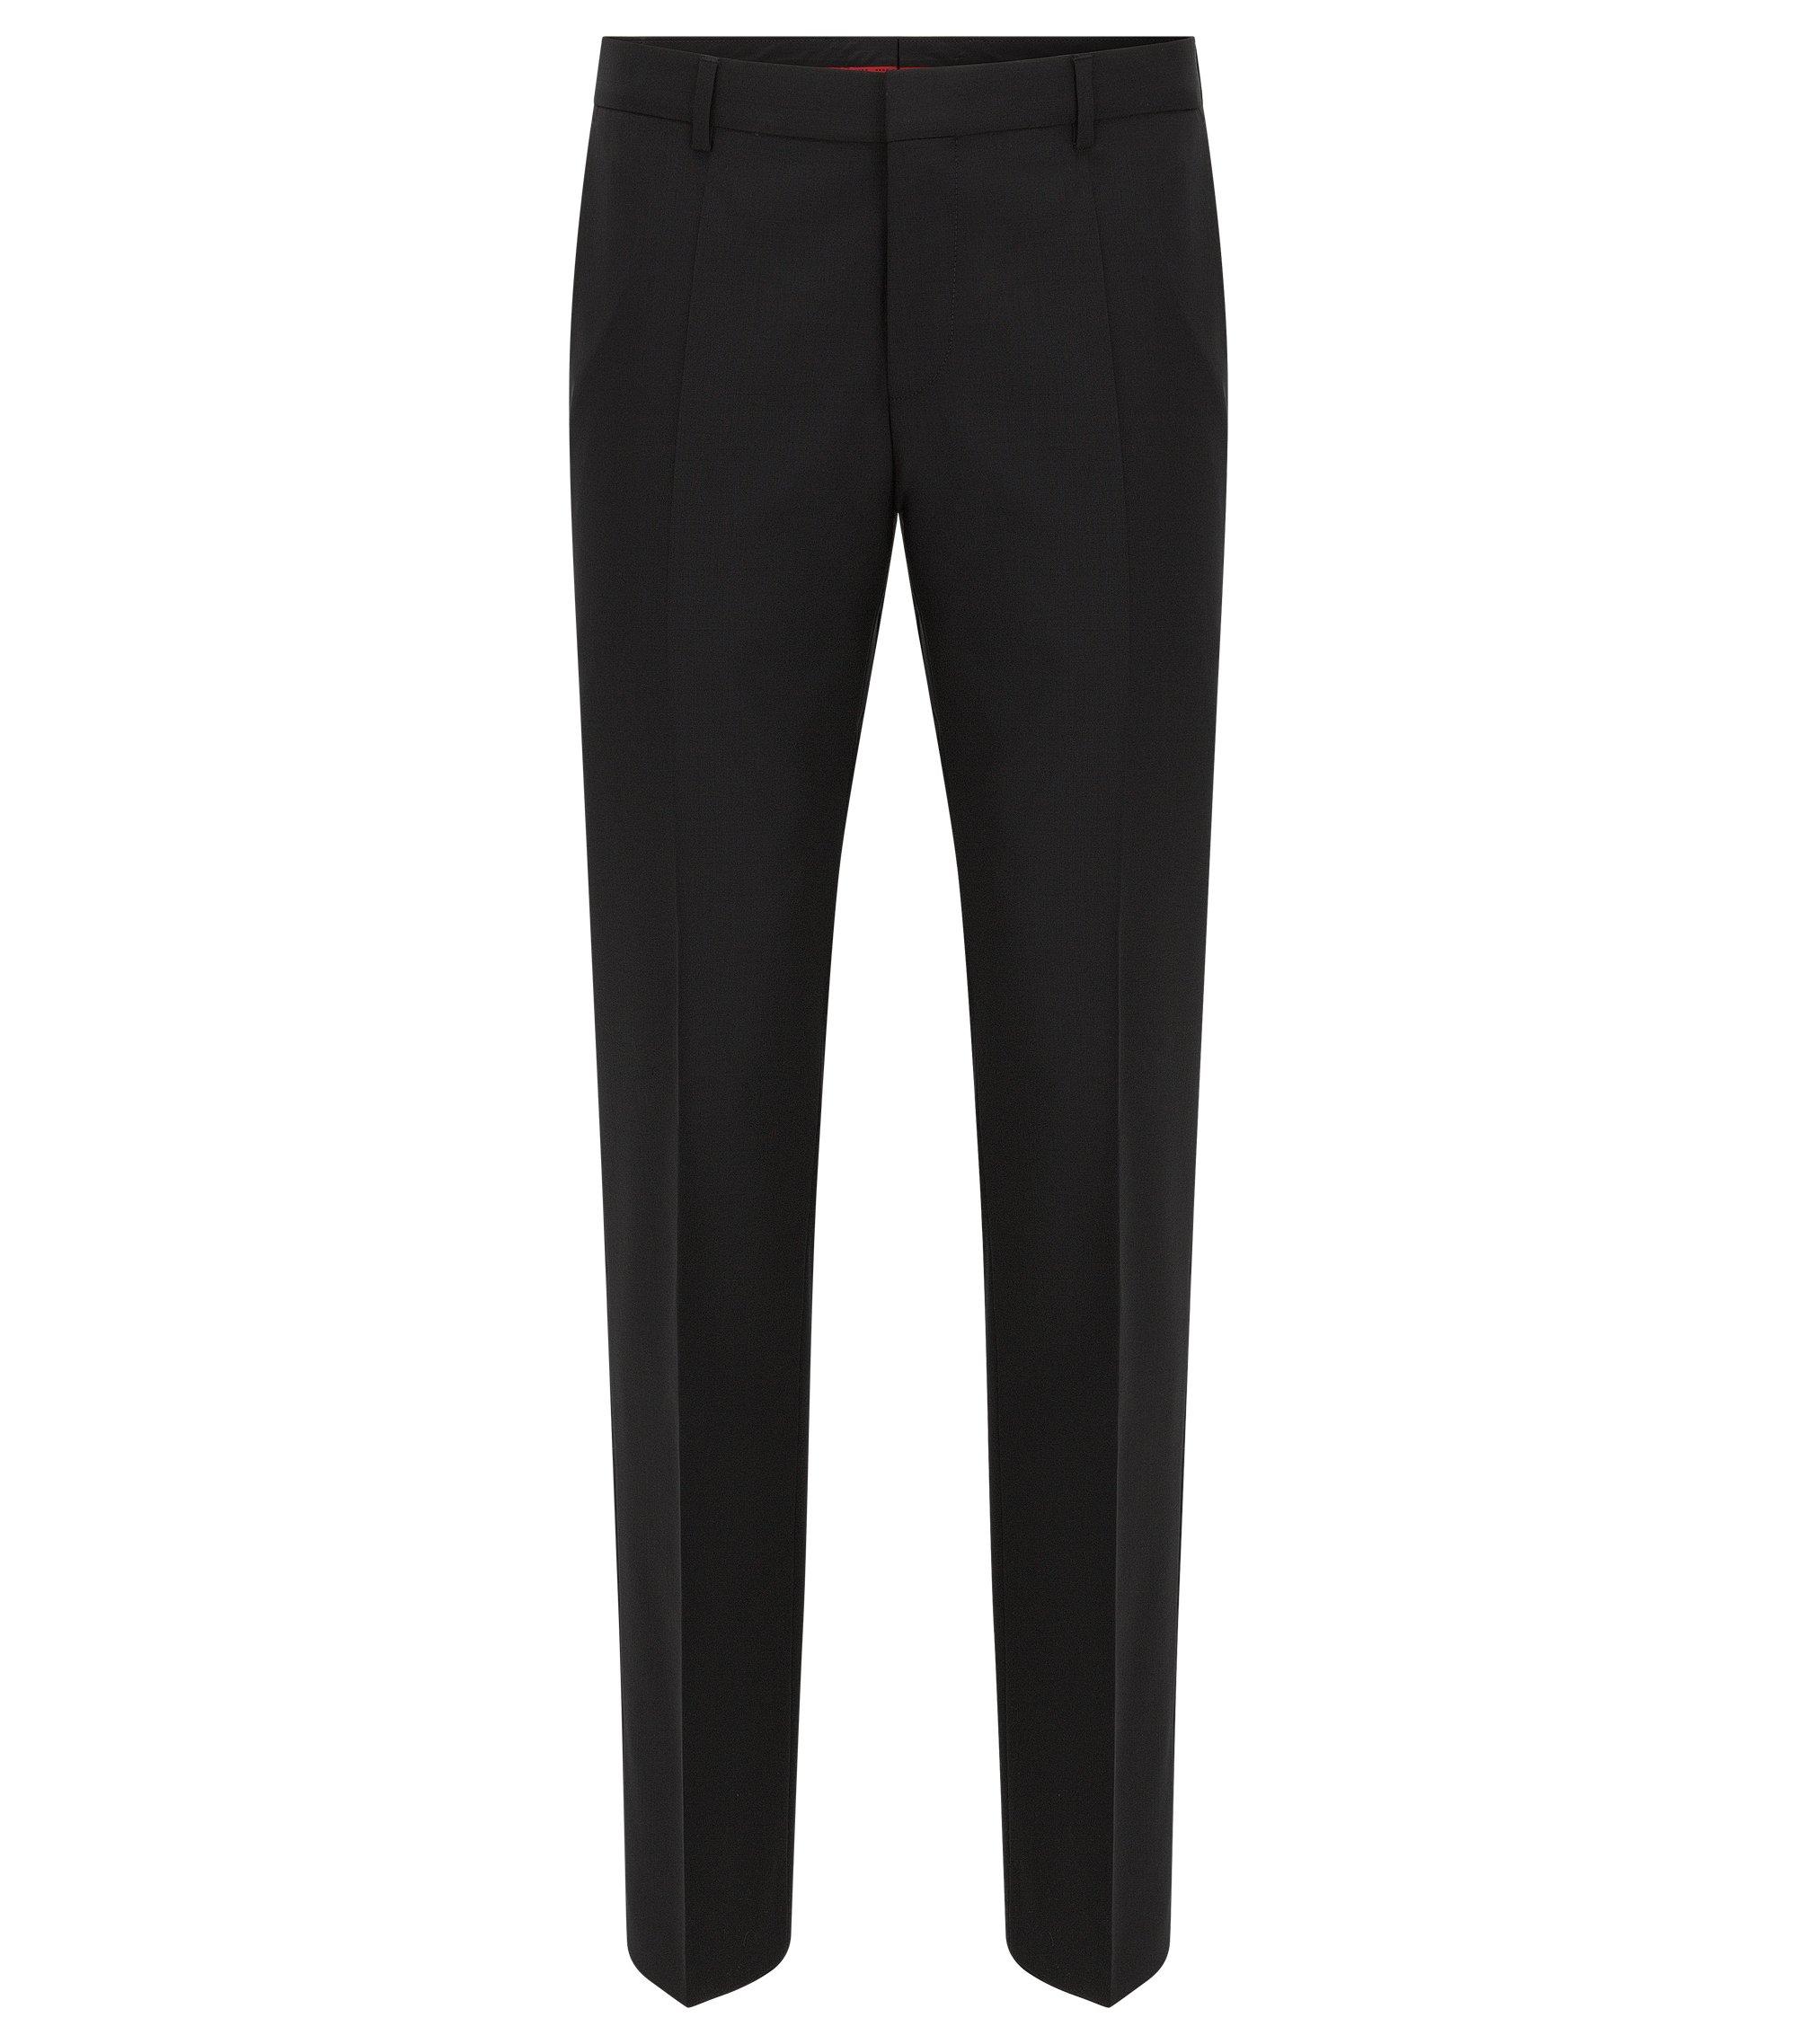 Pantalon à jambes Slim, en laine vierge stretch, Noir